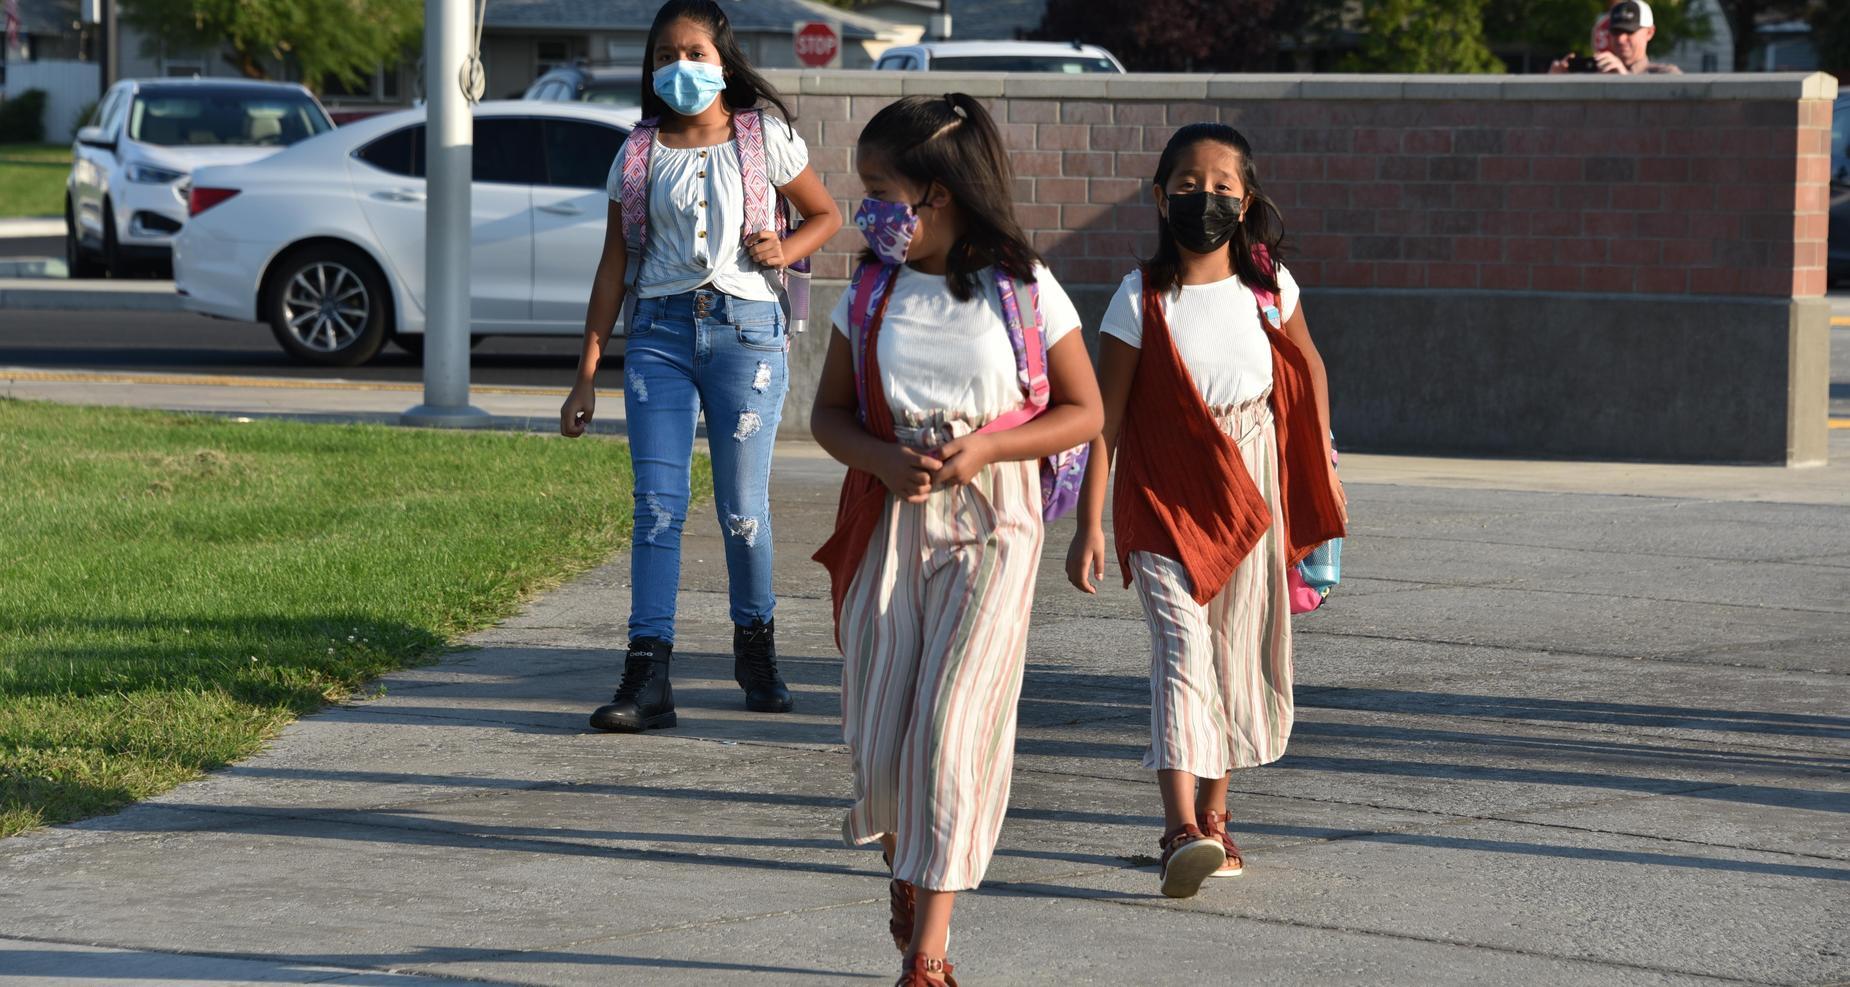 Twin sisters walking to school.